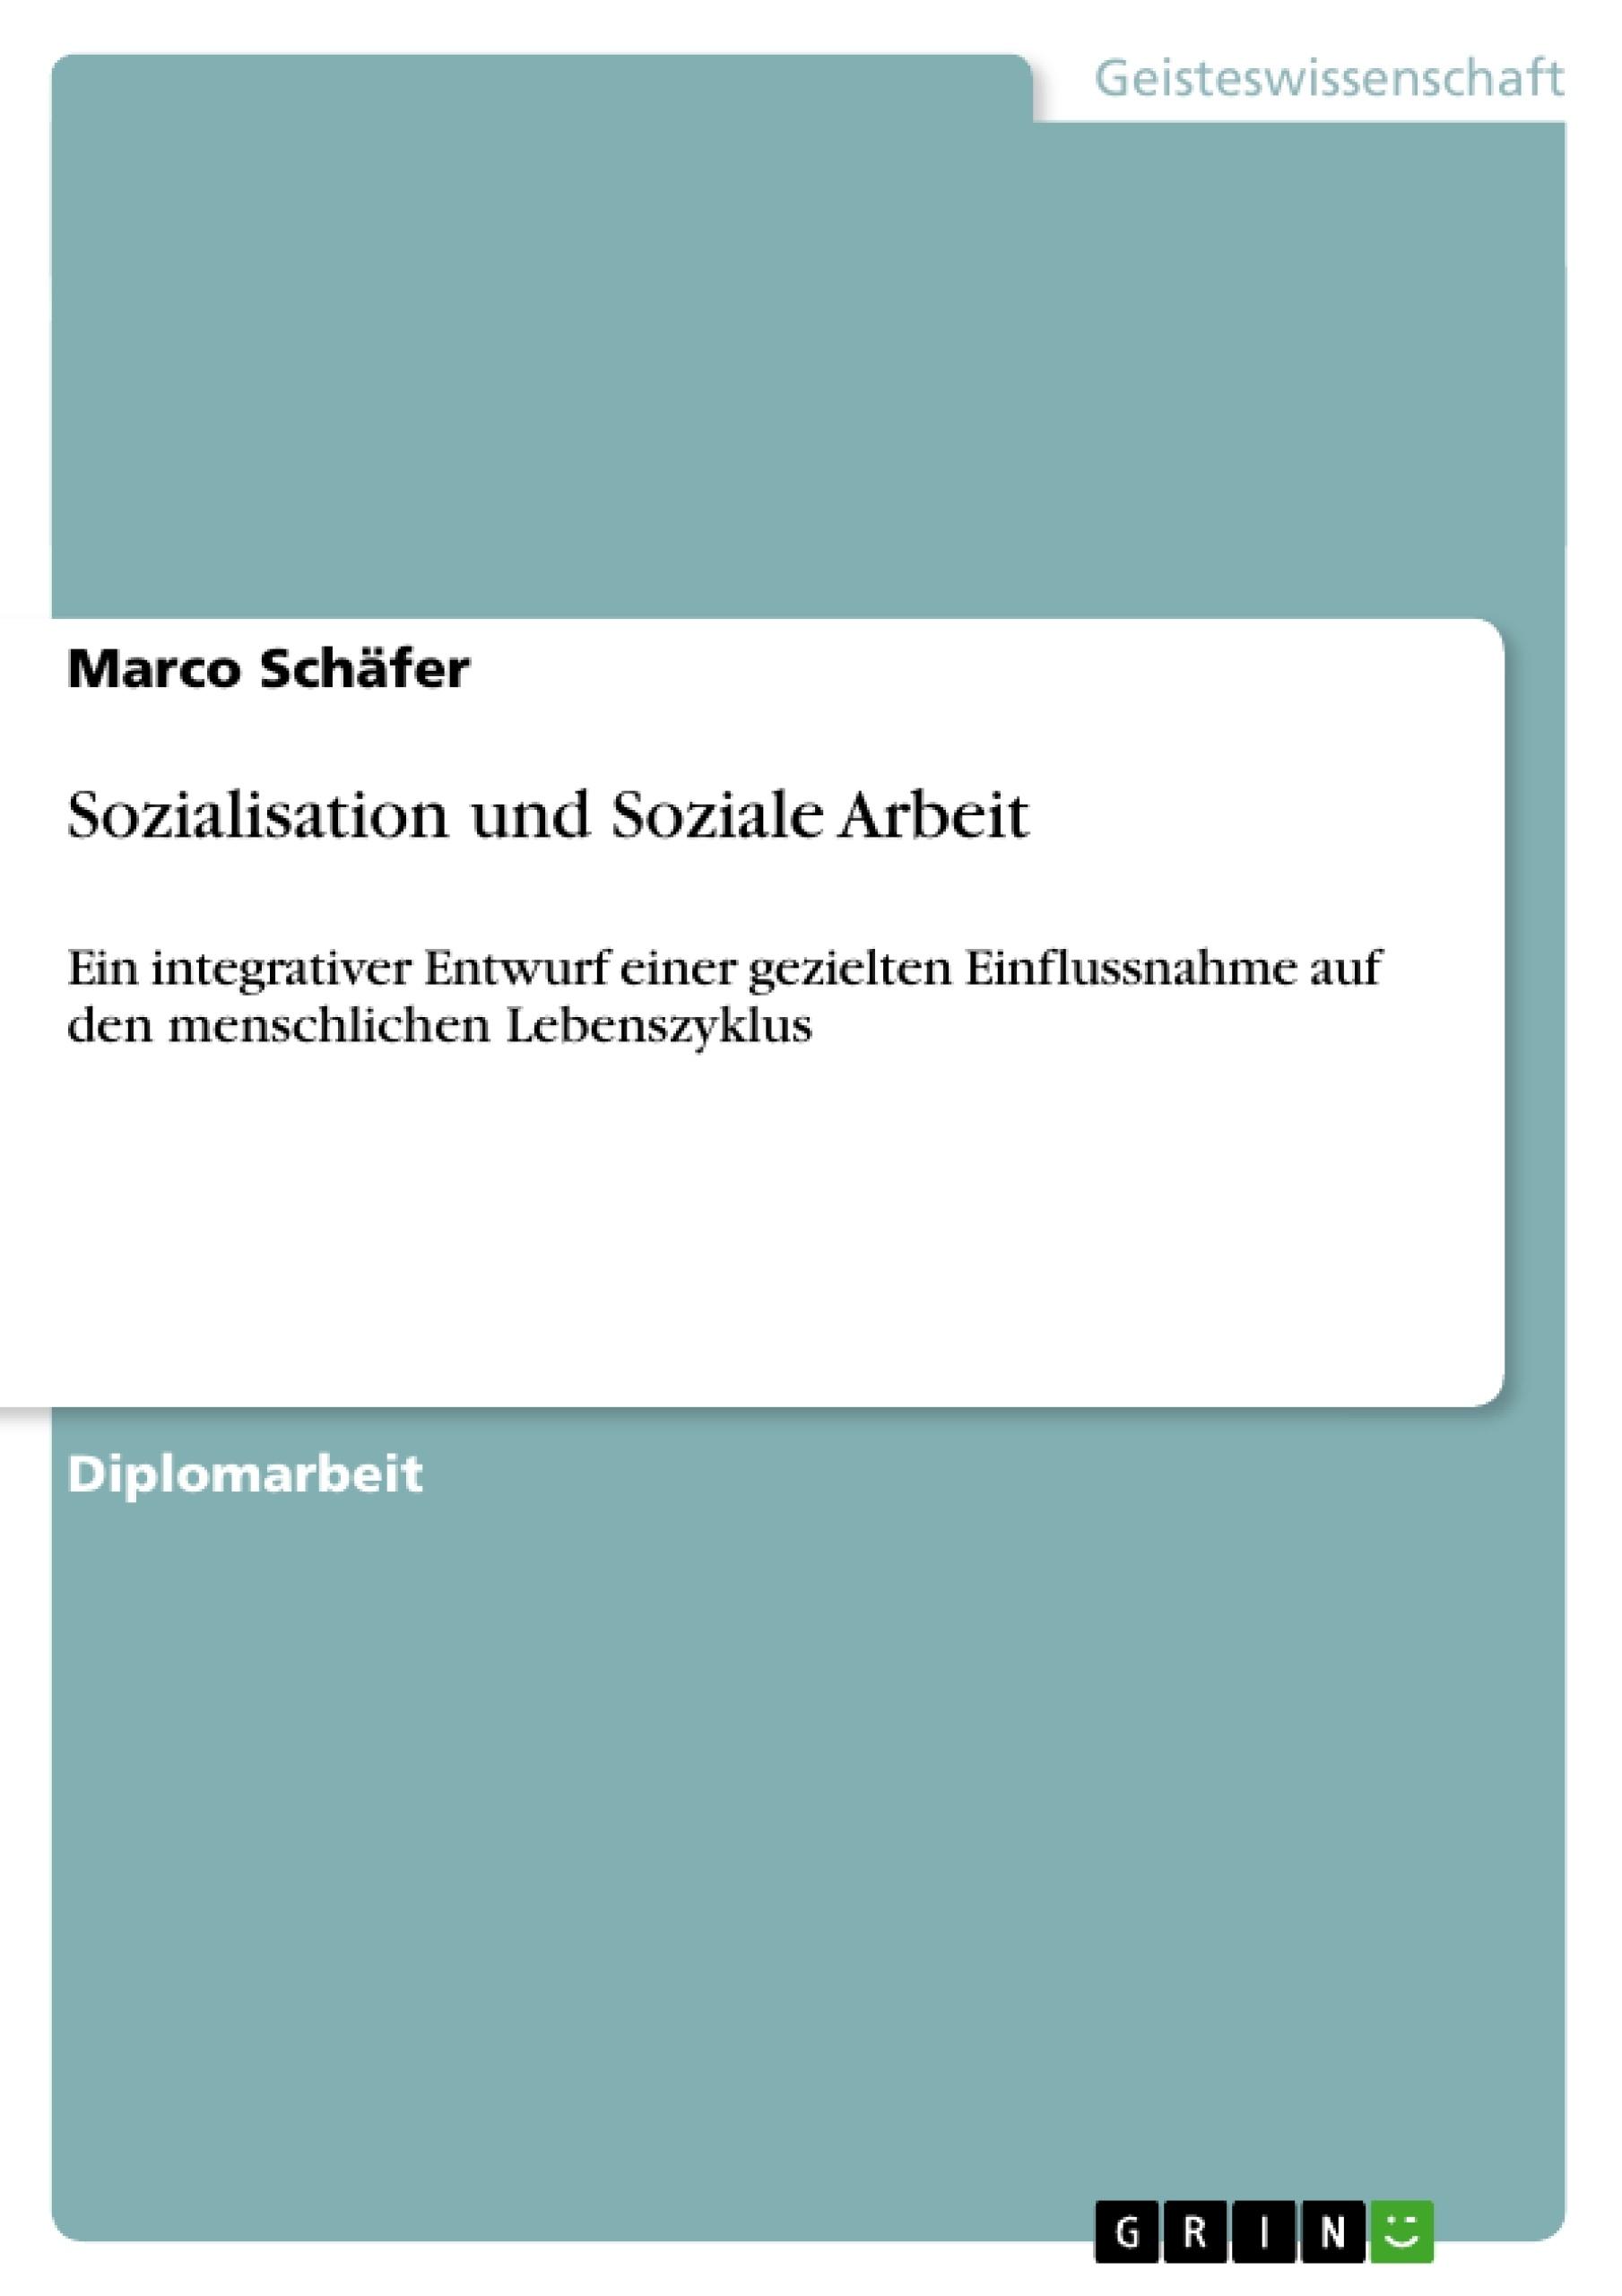 Titel: Sozialisation und Soziale Arbeit